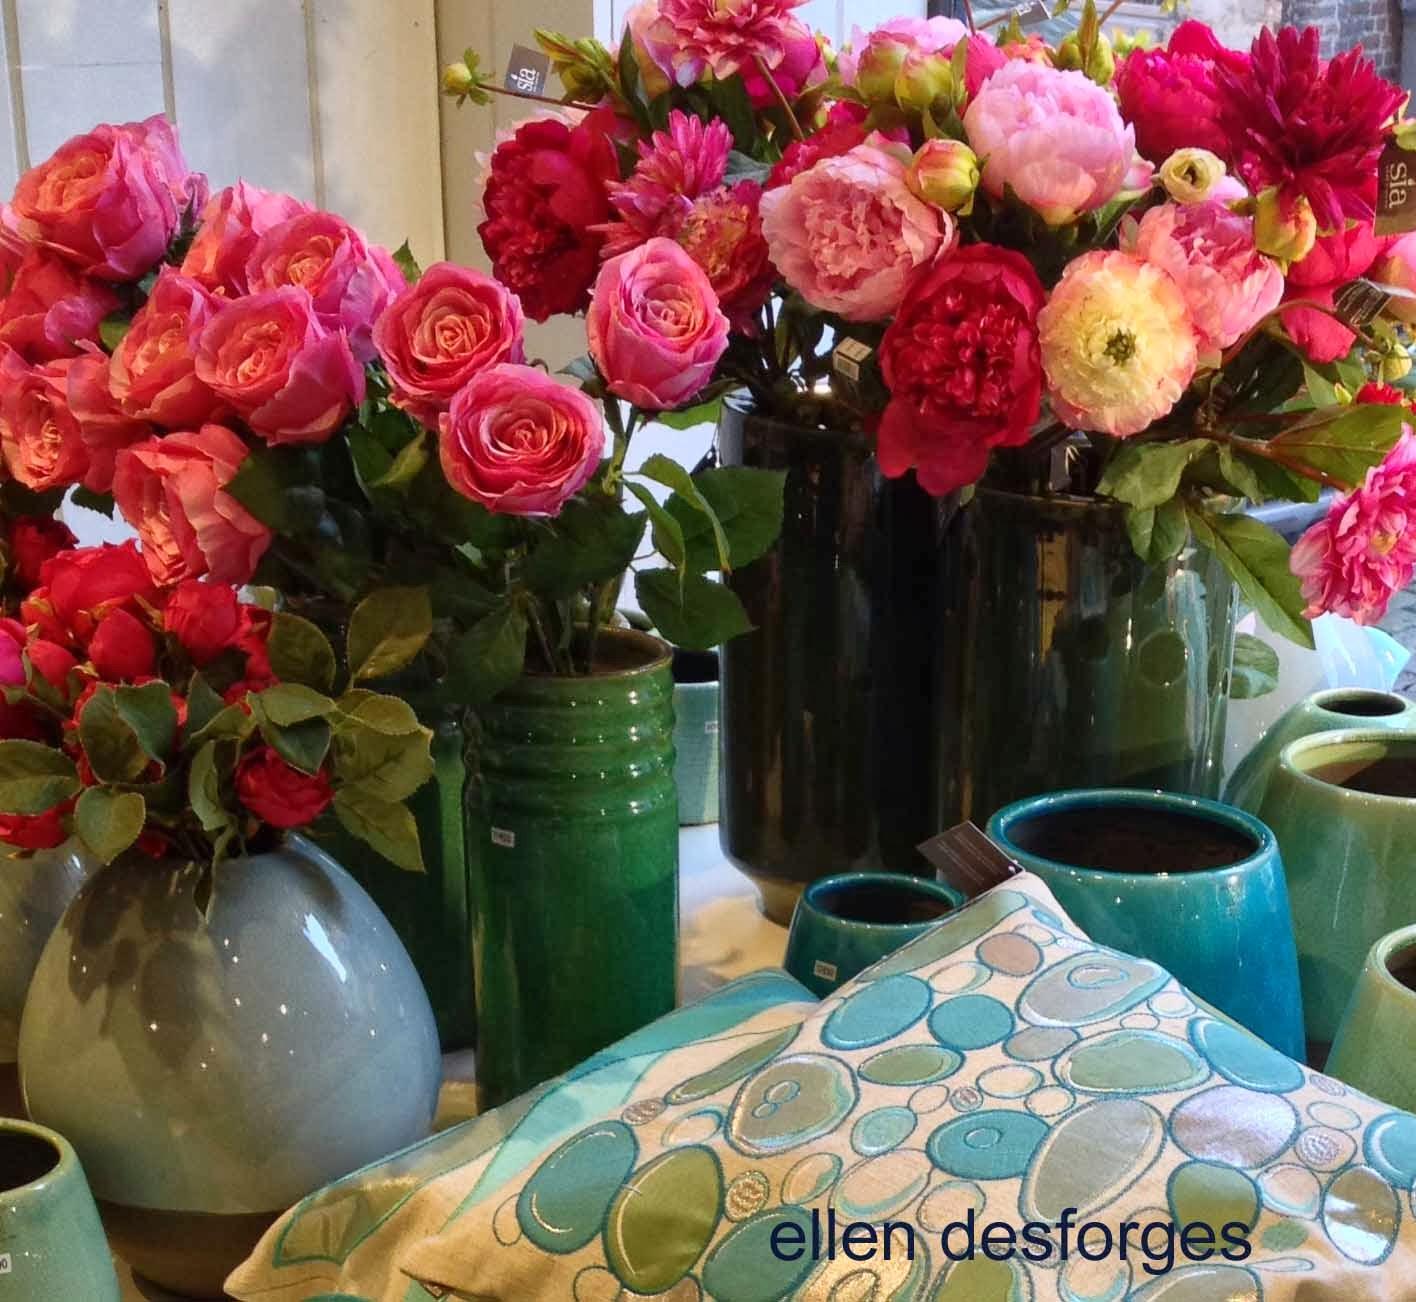 Ellen desforges printemps 2014 sia propose une collection de vases et cache - Sia fleurs artificielles ...